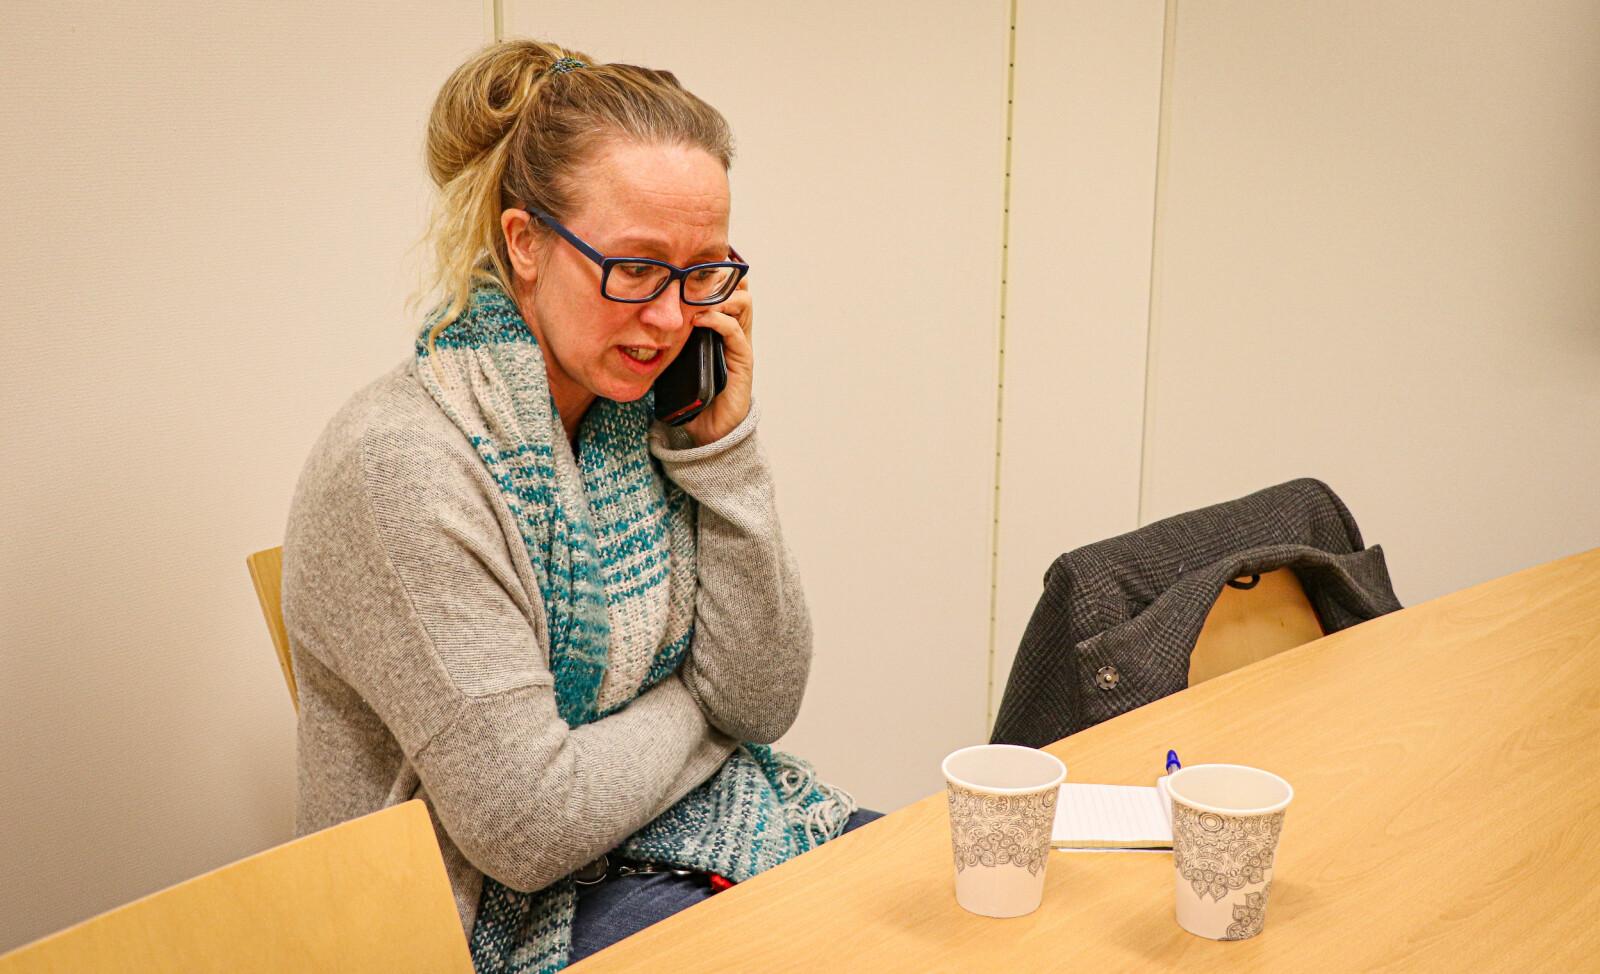 En svært vanlig situasjon å oppleve kommuneoverlege Camilla Kvalø Smedtorp i. Hun er stort sett i kontakt med noen hele døgnet - og jobben hennes er å hjelpe til med å forstå retningslinjer slik at flere gjør gode tiltak.